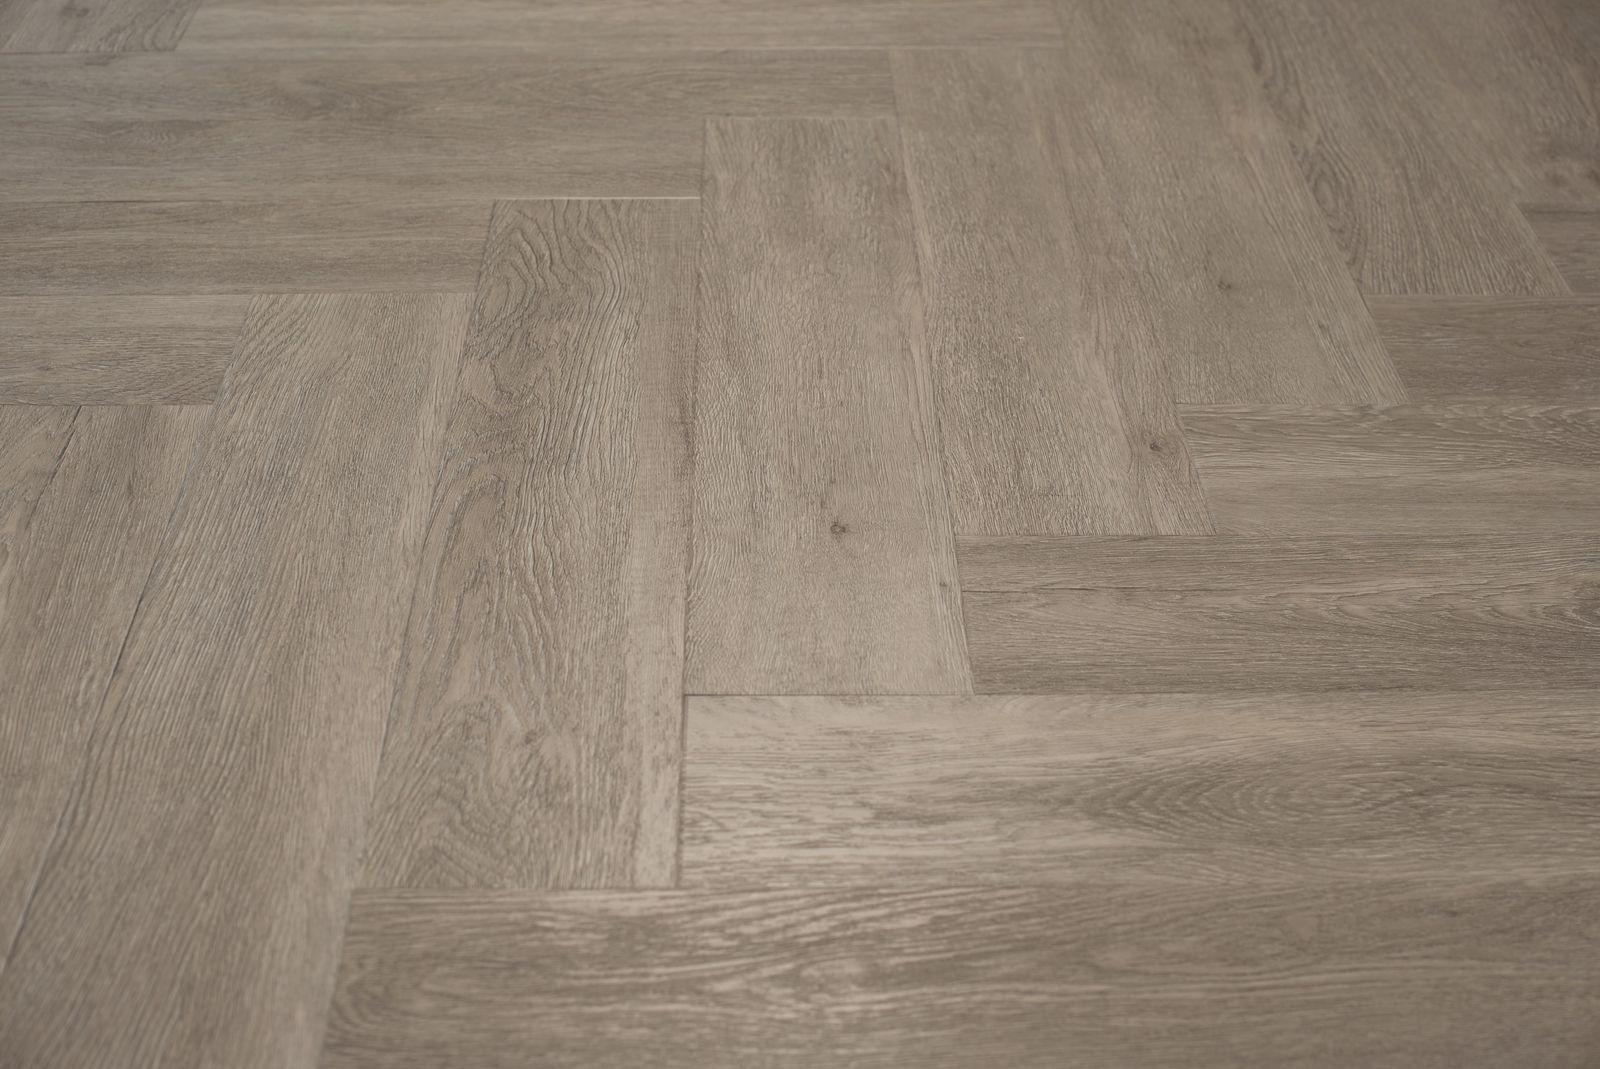 Zeil Voor Vloer : Zeil vloer vs pvc vloer ongelooflijke pvc vloer leggen eapsu